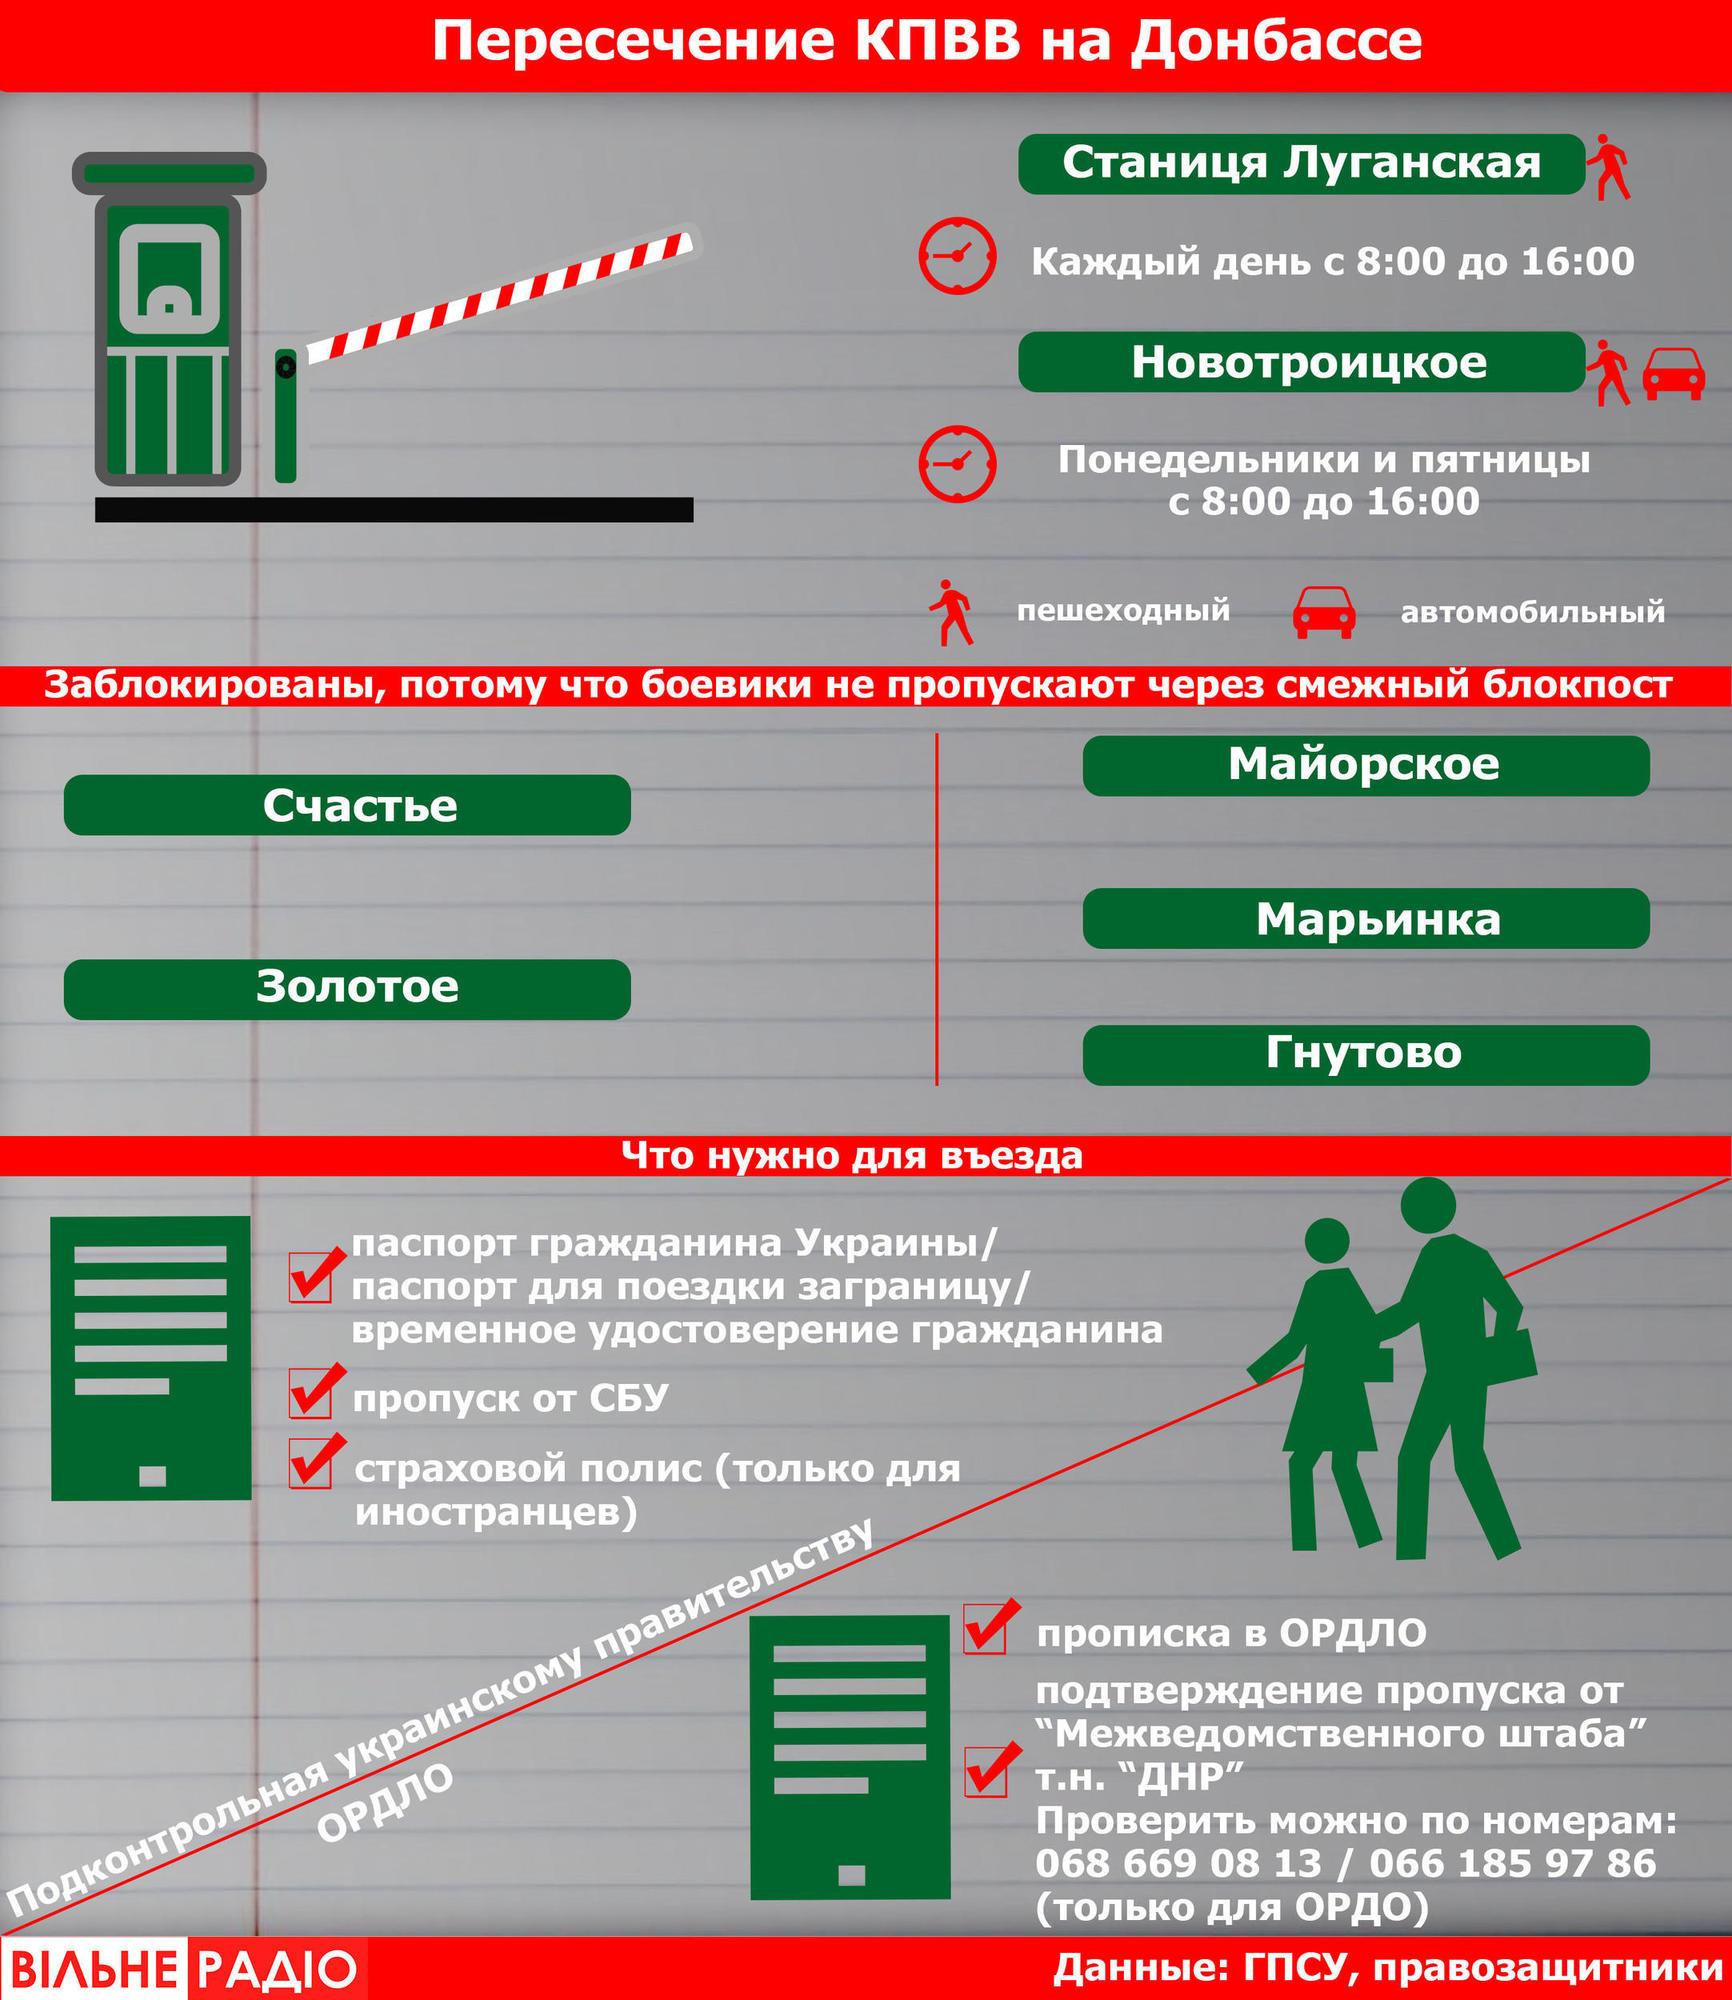 Как пересечь КПВВ на Донбассе: правила и условия пересечения